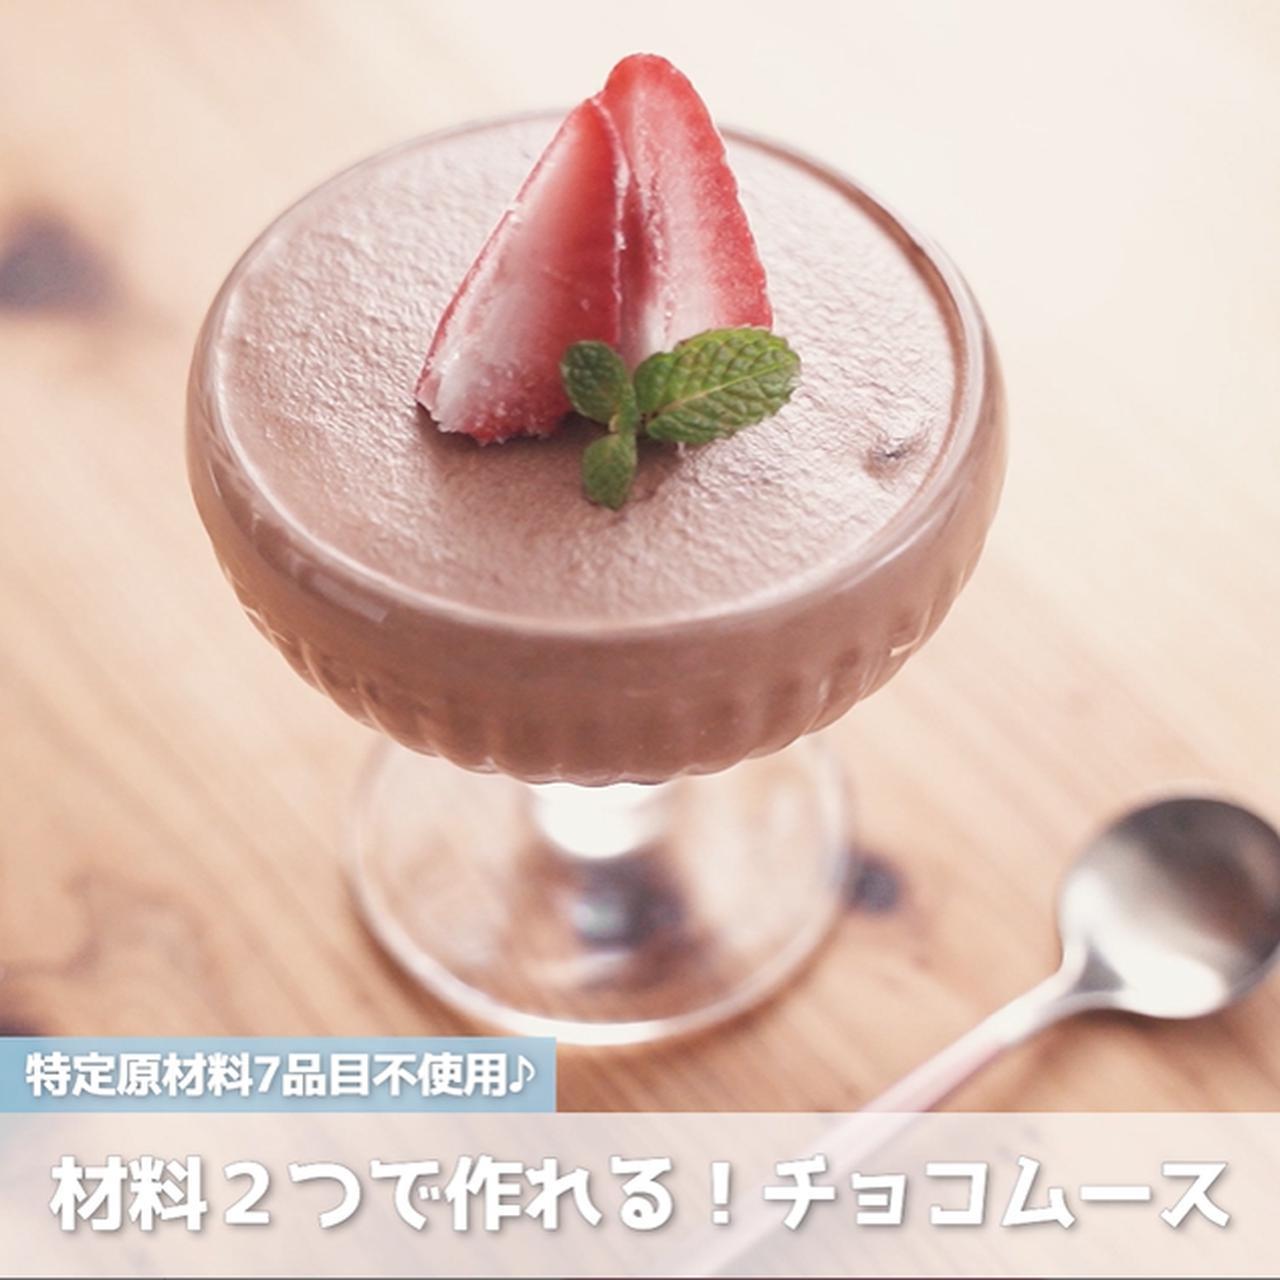 画像: バレンタイン直前!初心者さん必見レシピ!材料2つで作れる!チョコムース - 君とごはん